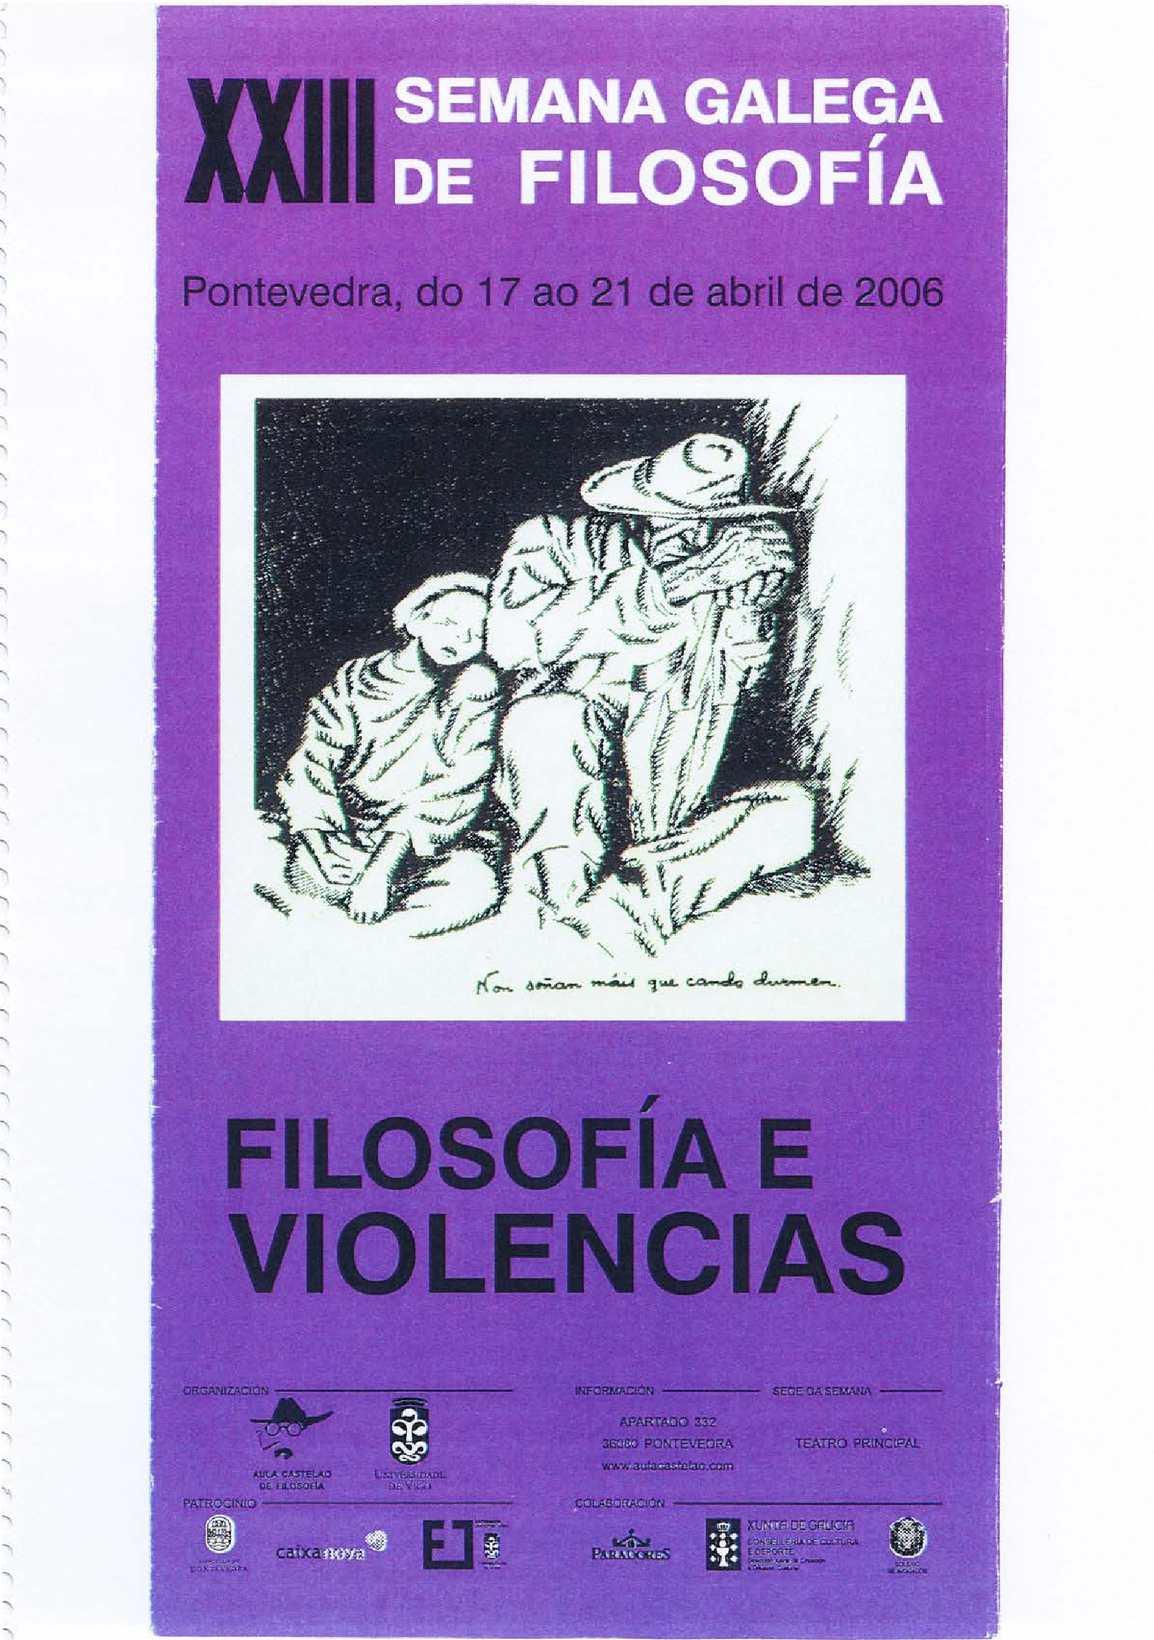 Calaméo - XXIII Semana Galega de Filosofía - Dossier de prensa c11eb567ae